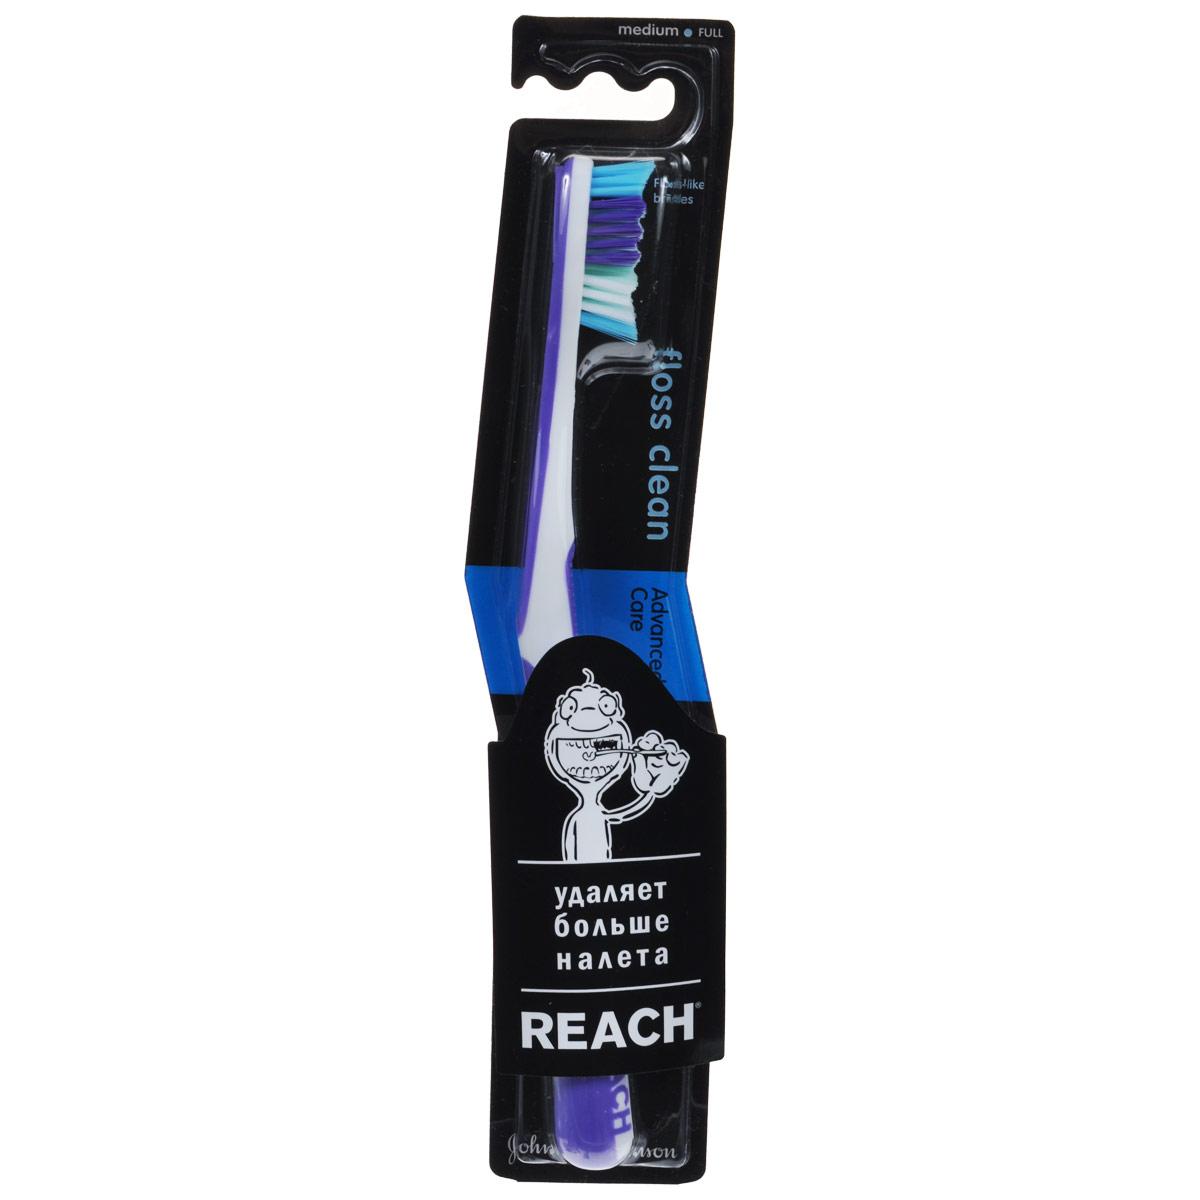 Reach Зубная щетка Floss Clean, средней жесткости67135Уникальные тонкие щетинки глубоко проникают в самые узкие межзубные промежутки и превосходно очищают все поверхности зуба, как после использования зубной щетки и нити (флосса), поэтому щетка называется FLOSS CLEAN. Удаляет до 96% зубного налета даже в самых труднодоступных местах. Клинические исследования доказали, что REACH® Floss Clean удаляет зубной налет со всех пяти поверхностей зубов. Три уровня жесткости щетины: жесткая, средняя, экстра-мягкая (для чувствительных зубов). Товар сертифицирован.